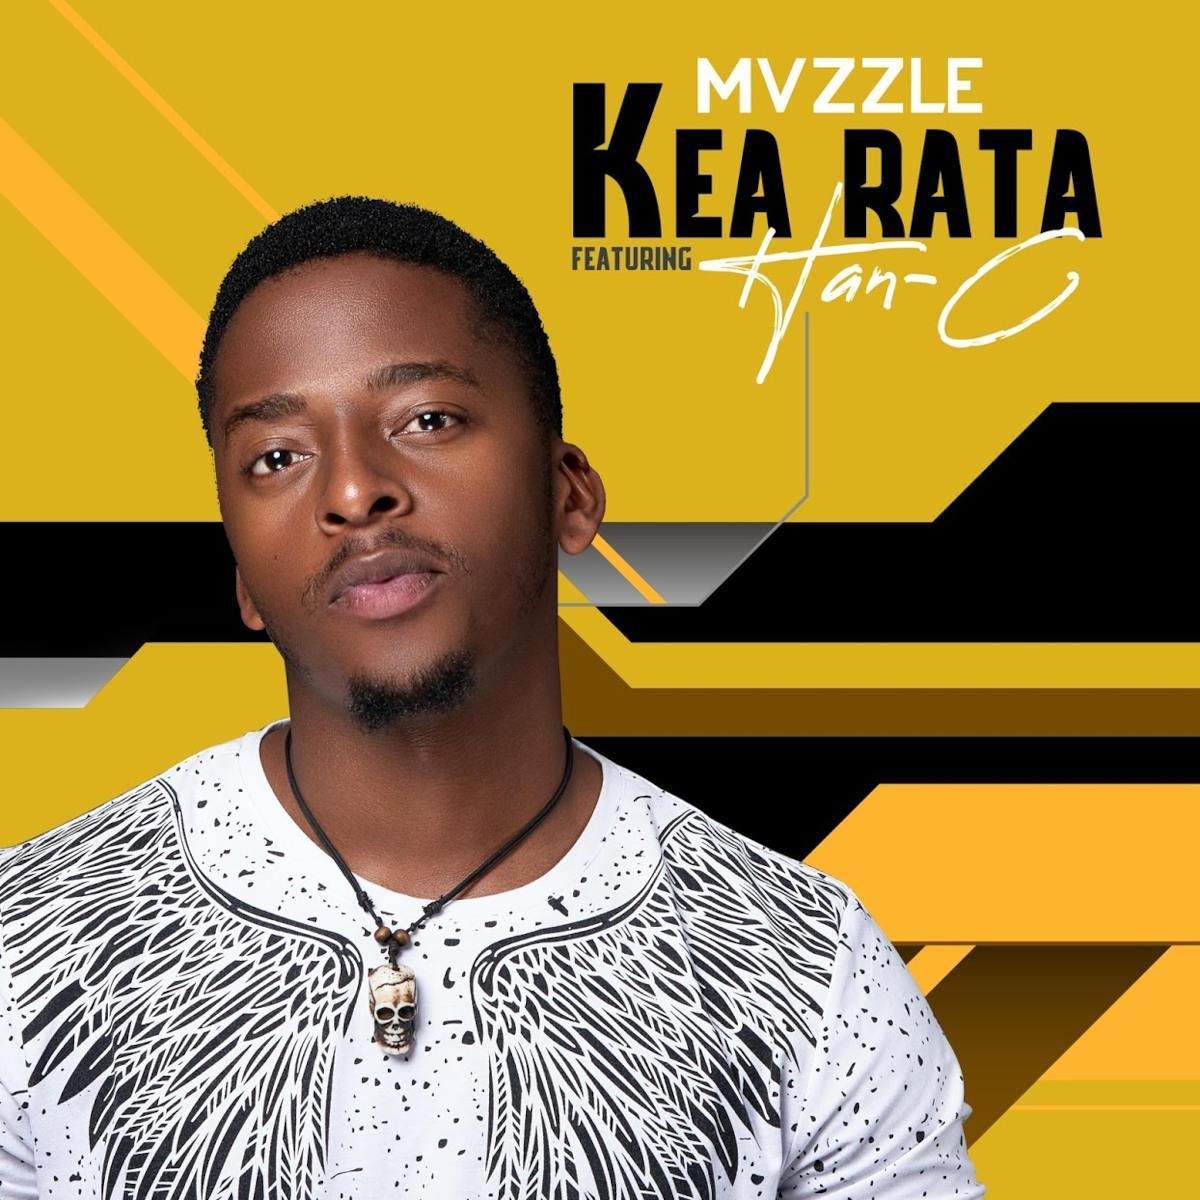 Mvzzle - Kea Rata (feat. Han-C)